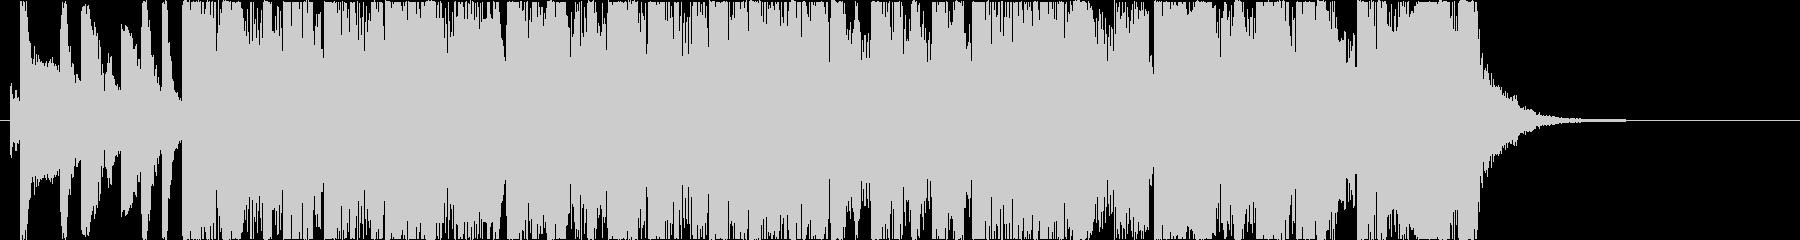 怪しいインド風トラップ・ヒップホップeの未再生の波形